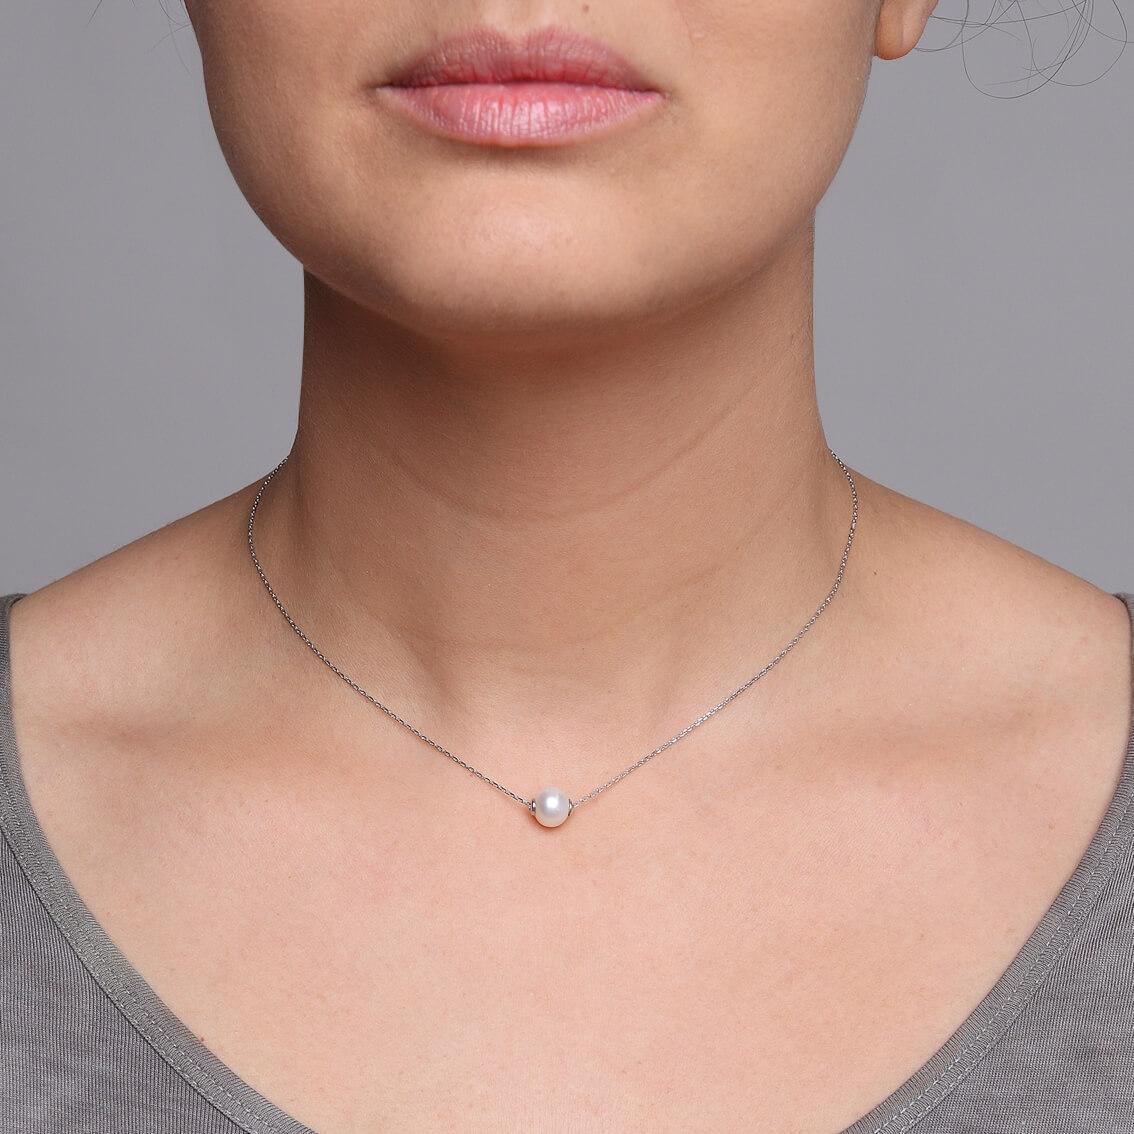 collier argent et perle d'eau douce - Perlea